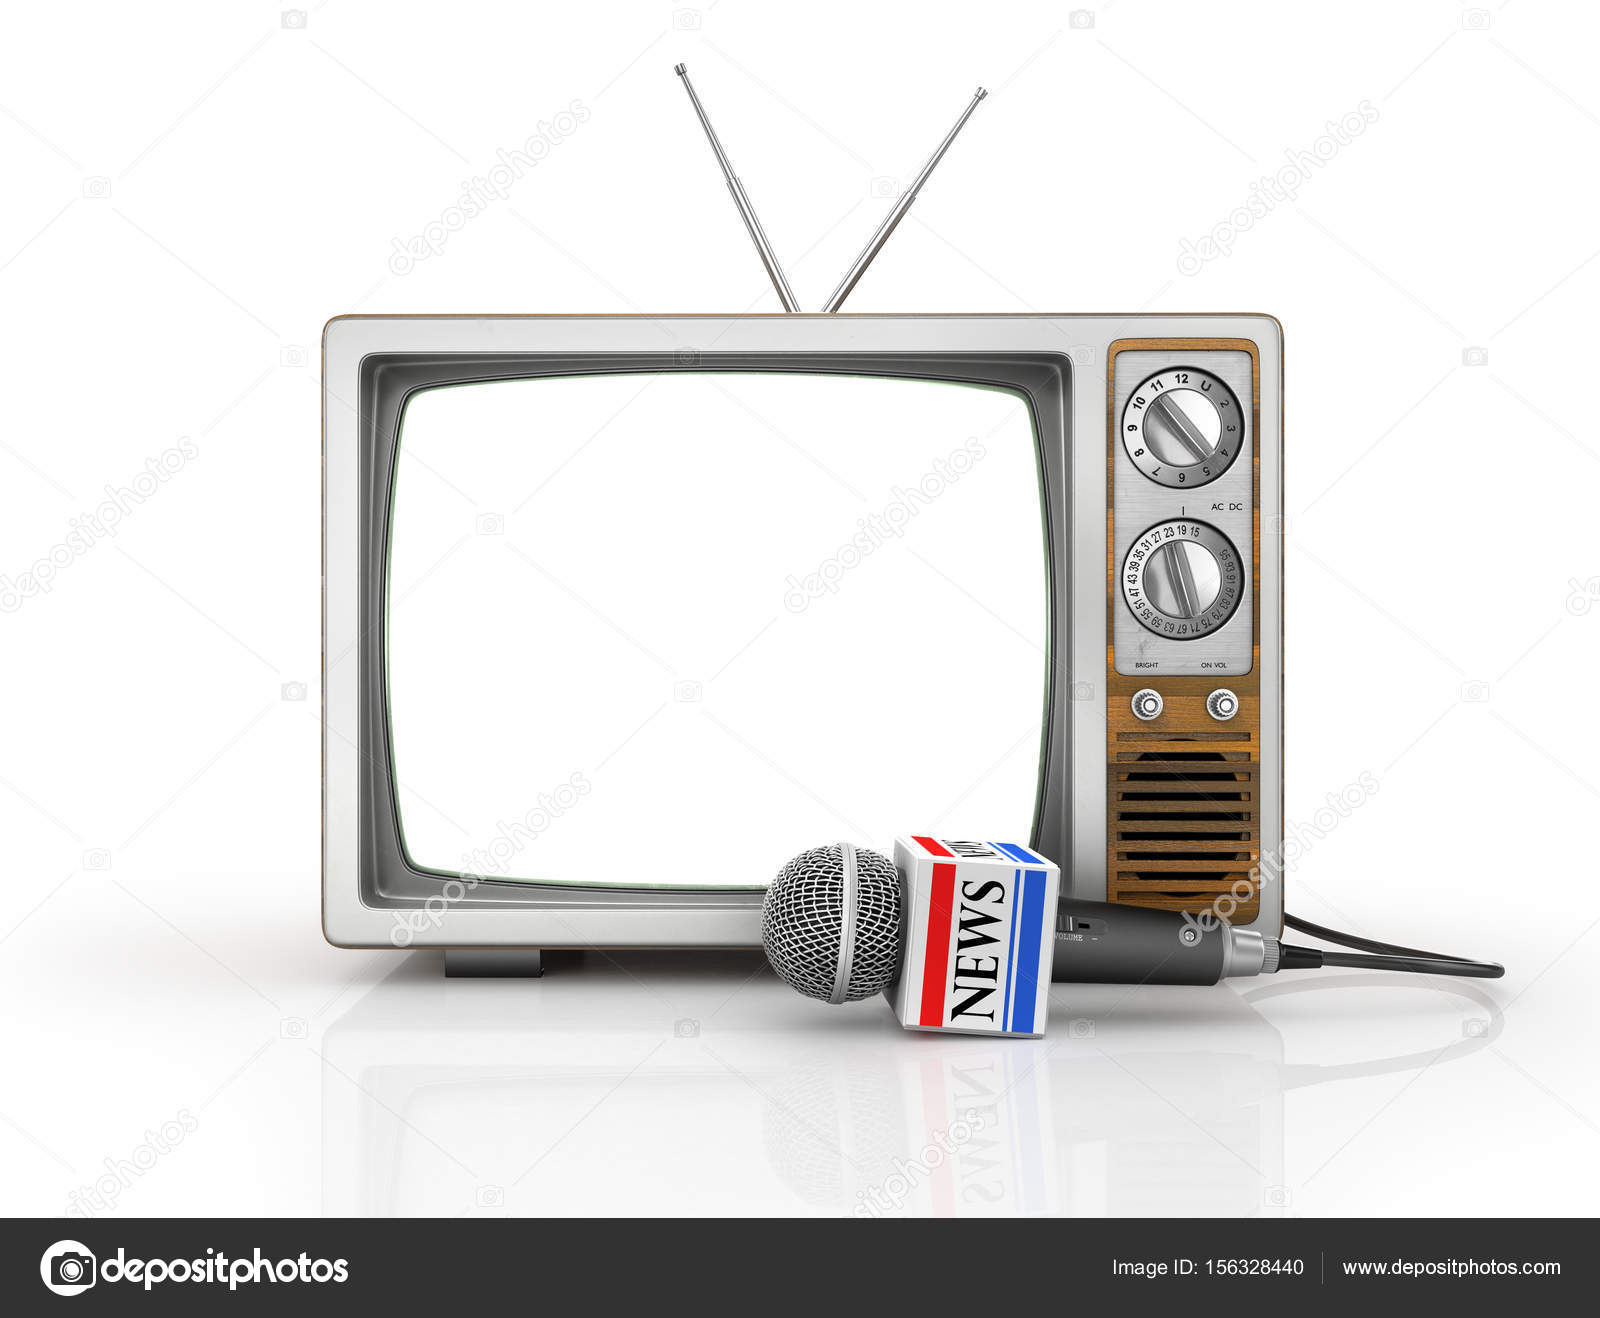 Communiqués et dossiers de presse | web tv.